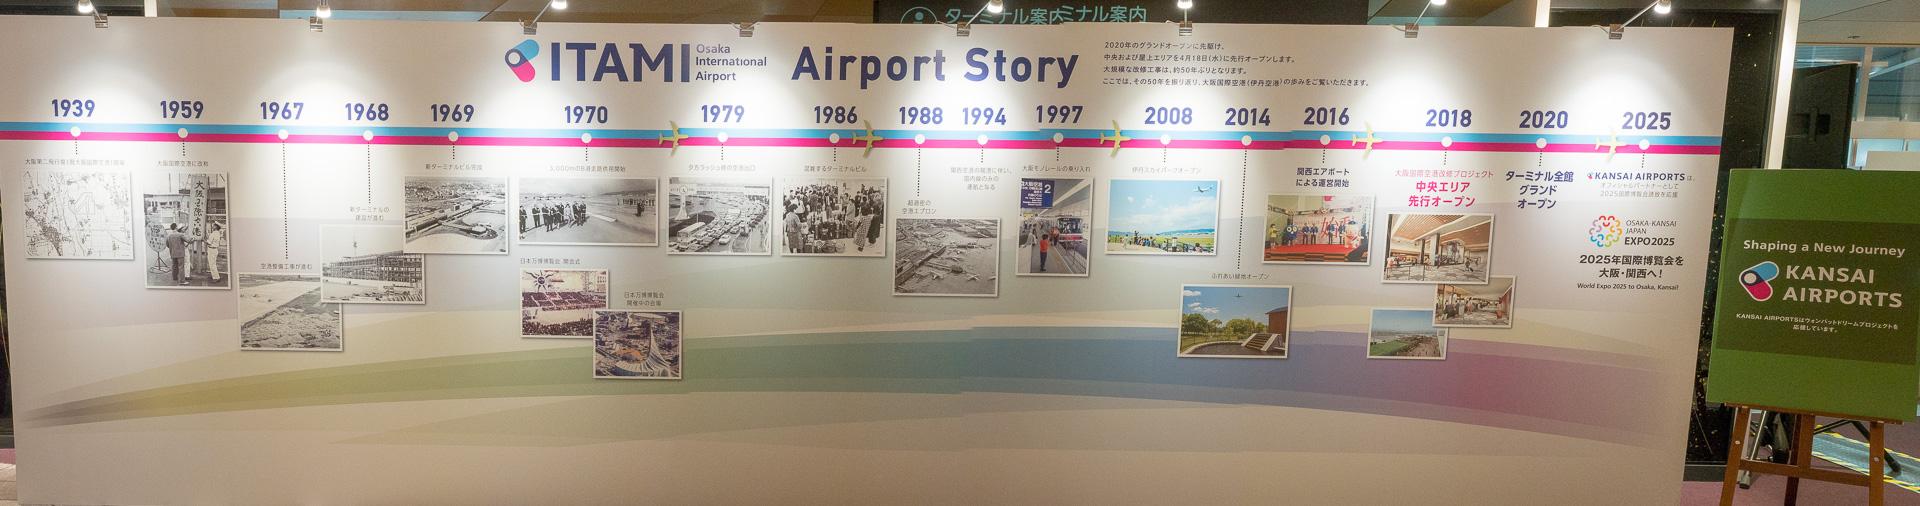 中央エリアや展望デッキのリニューアルオープンを控え、関係者らが集まり内覧会が行なわれた。会場には伊丹空港の歴史を紹介するパネル展示も